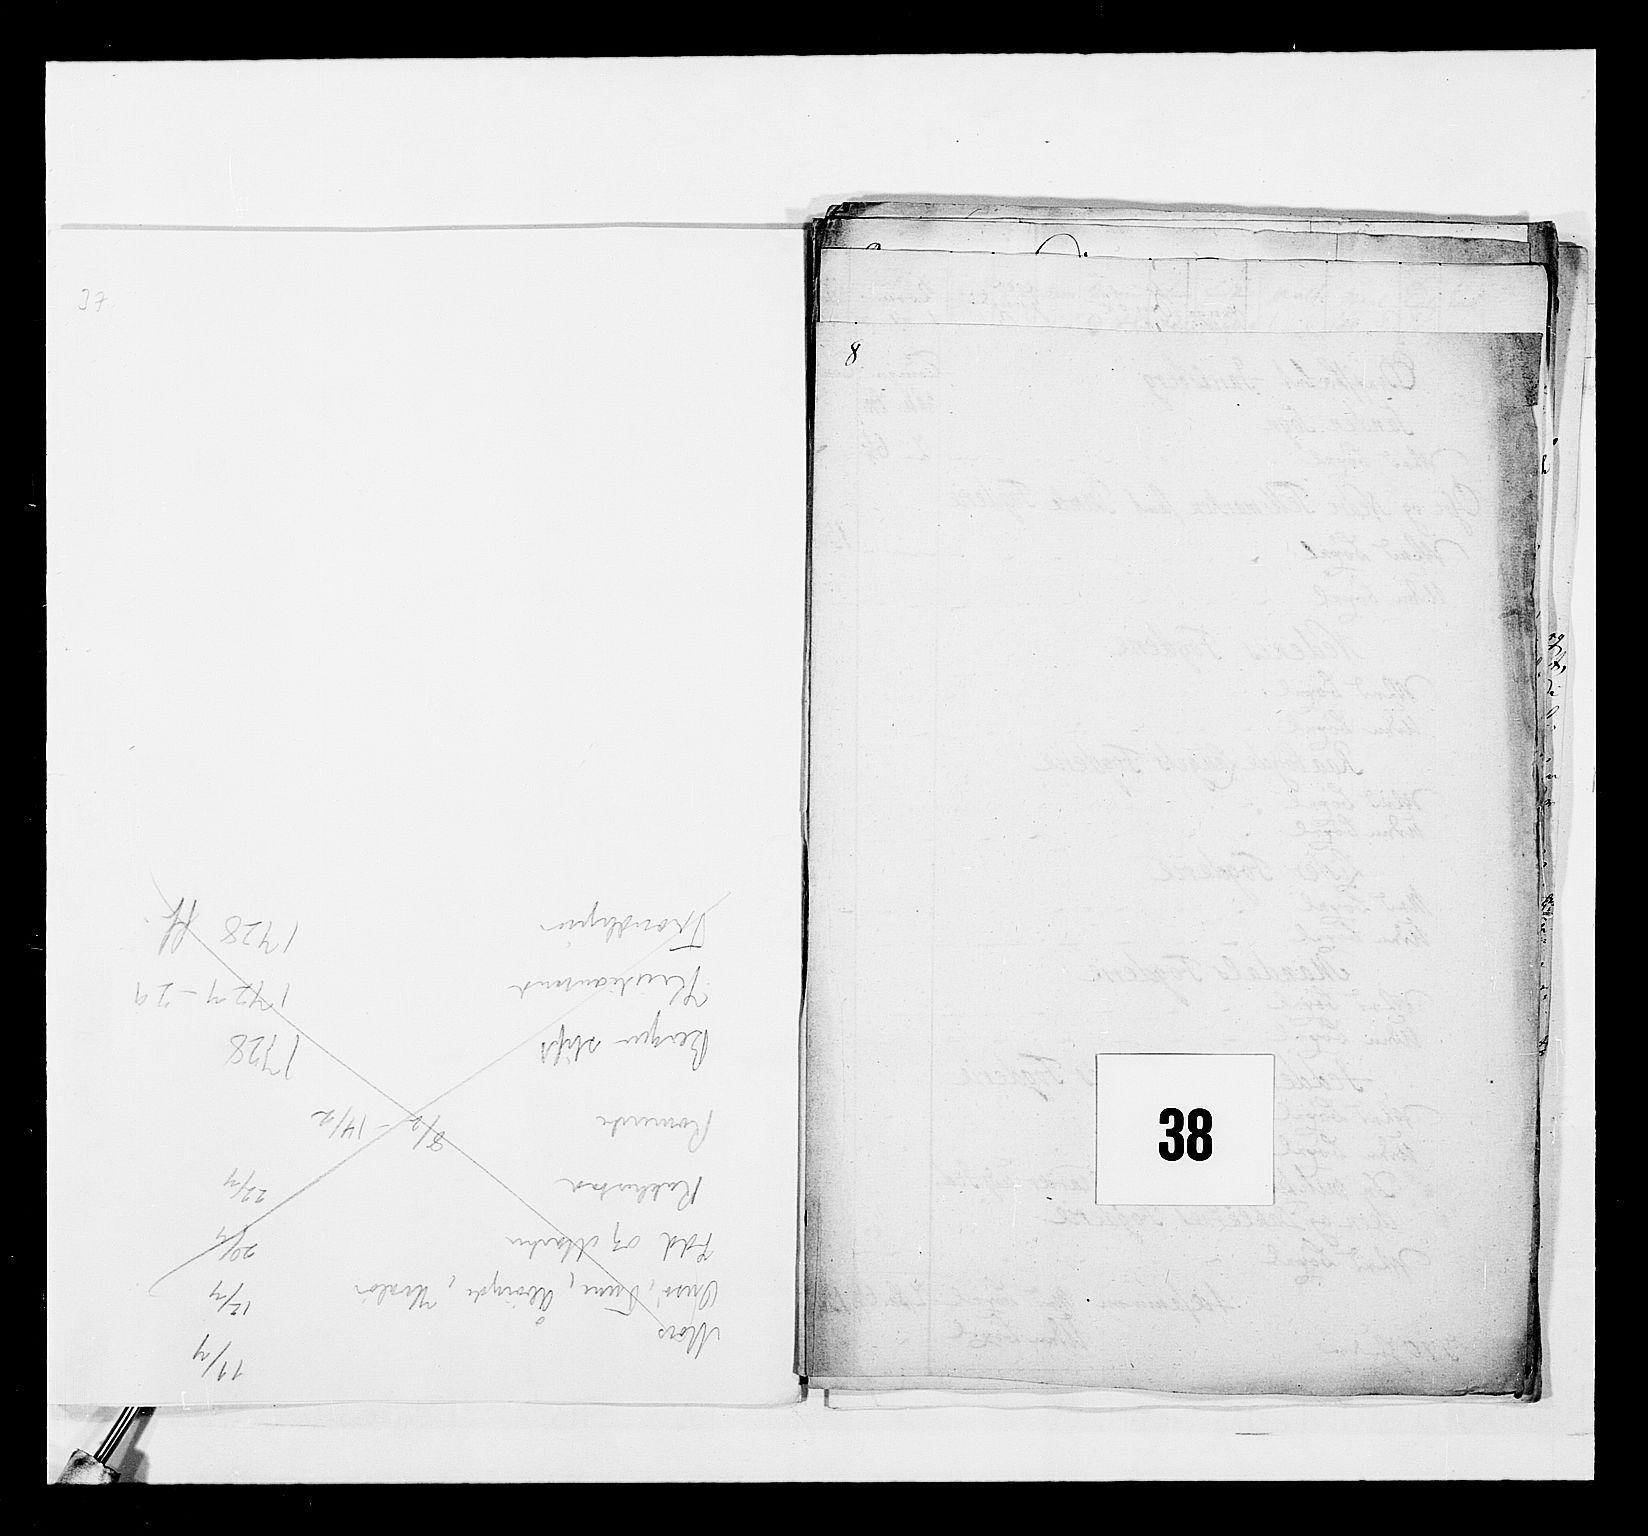 RA, Stattholderembetet 1572-1771, Ek/L0040: Jordebøker o.a. 1720-1728 vedkommende krongodset:, 1726-1727, s. 197